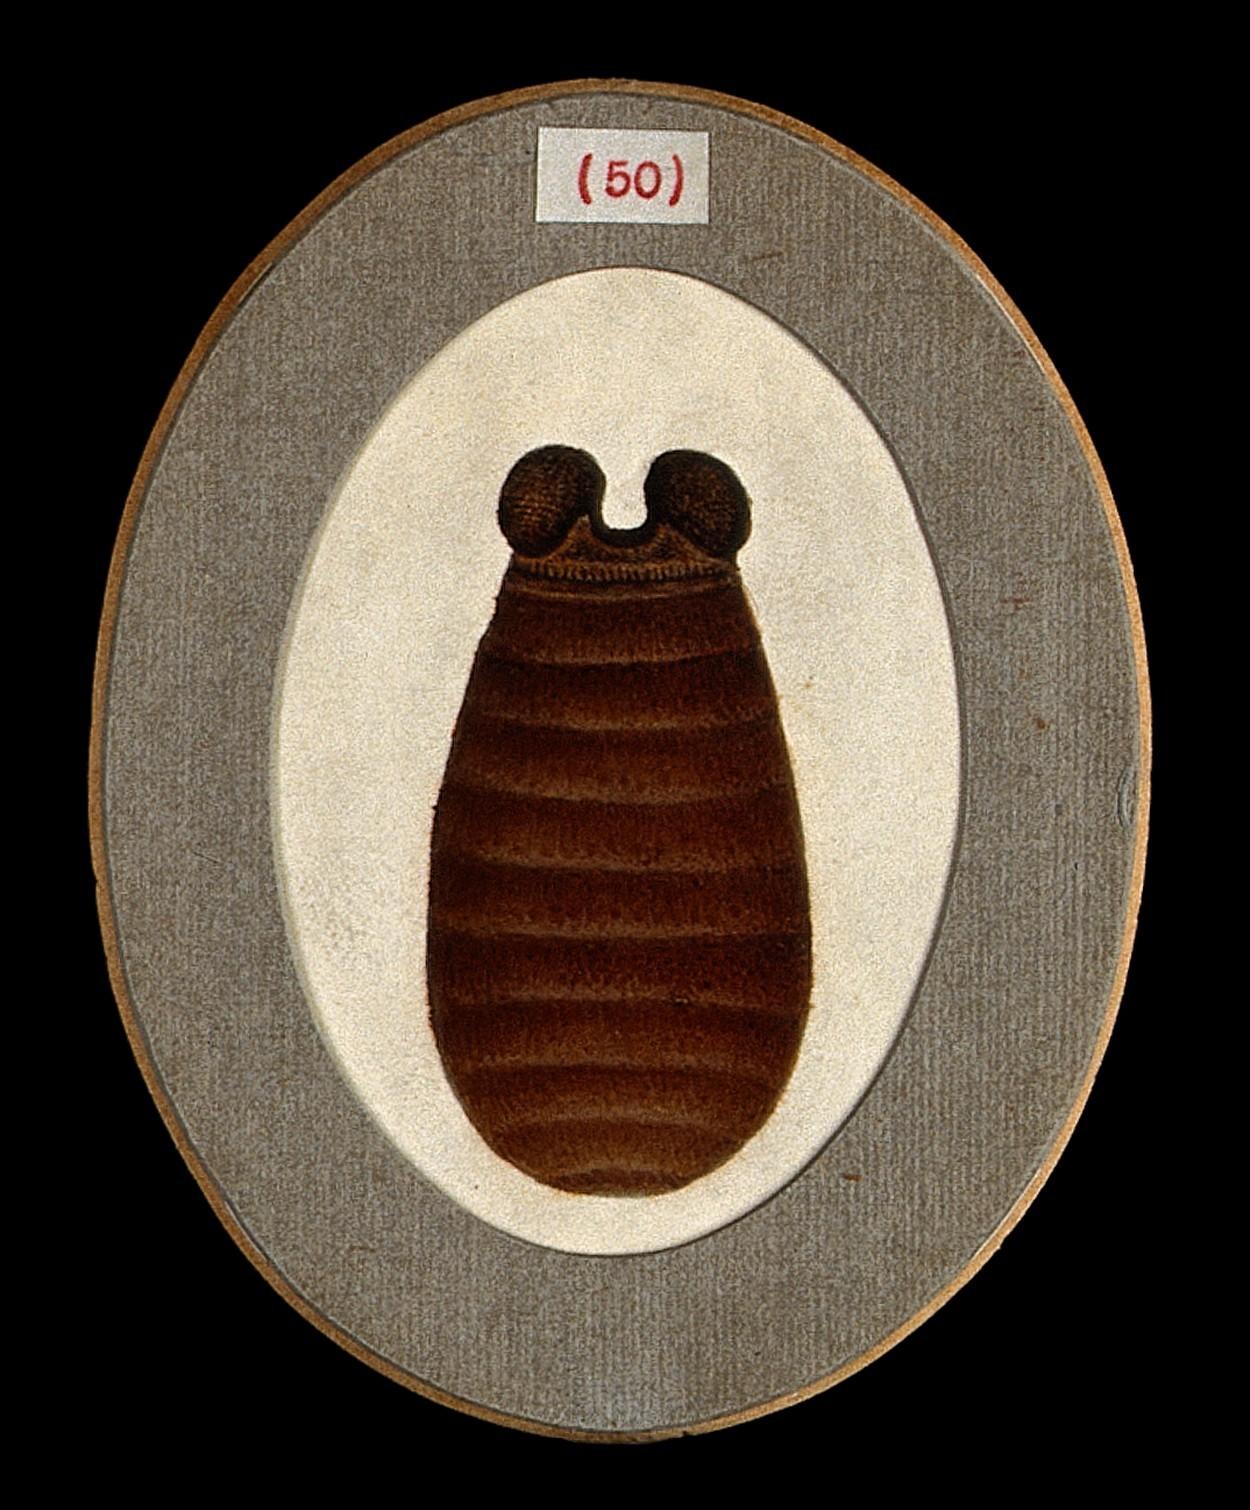 Image of tsetse flies